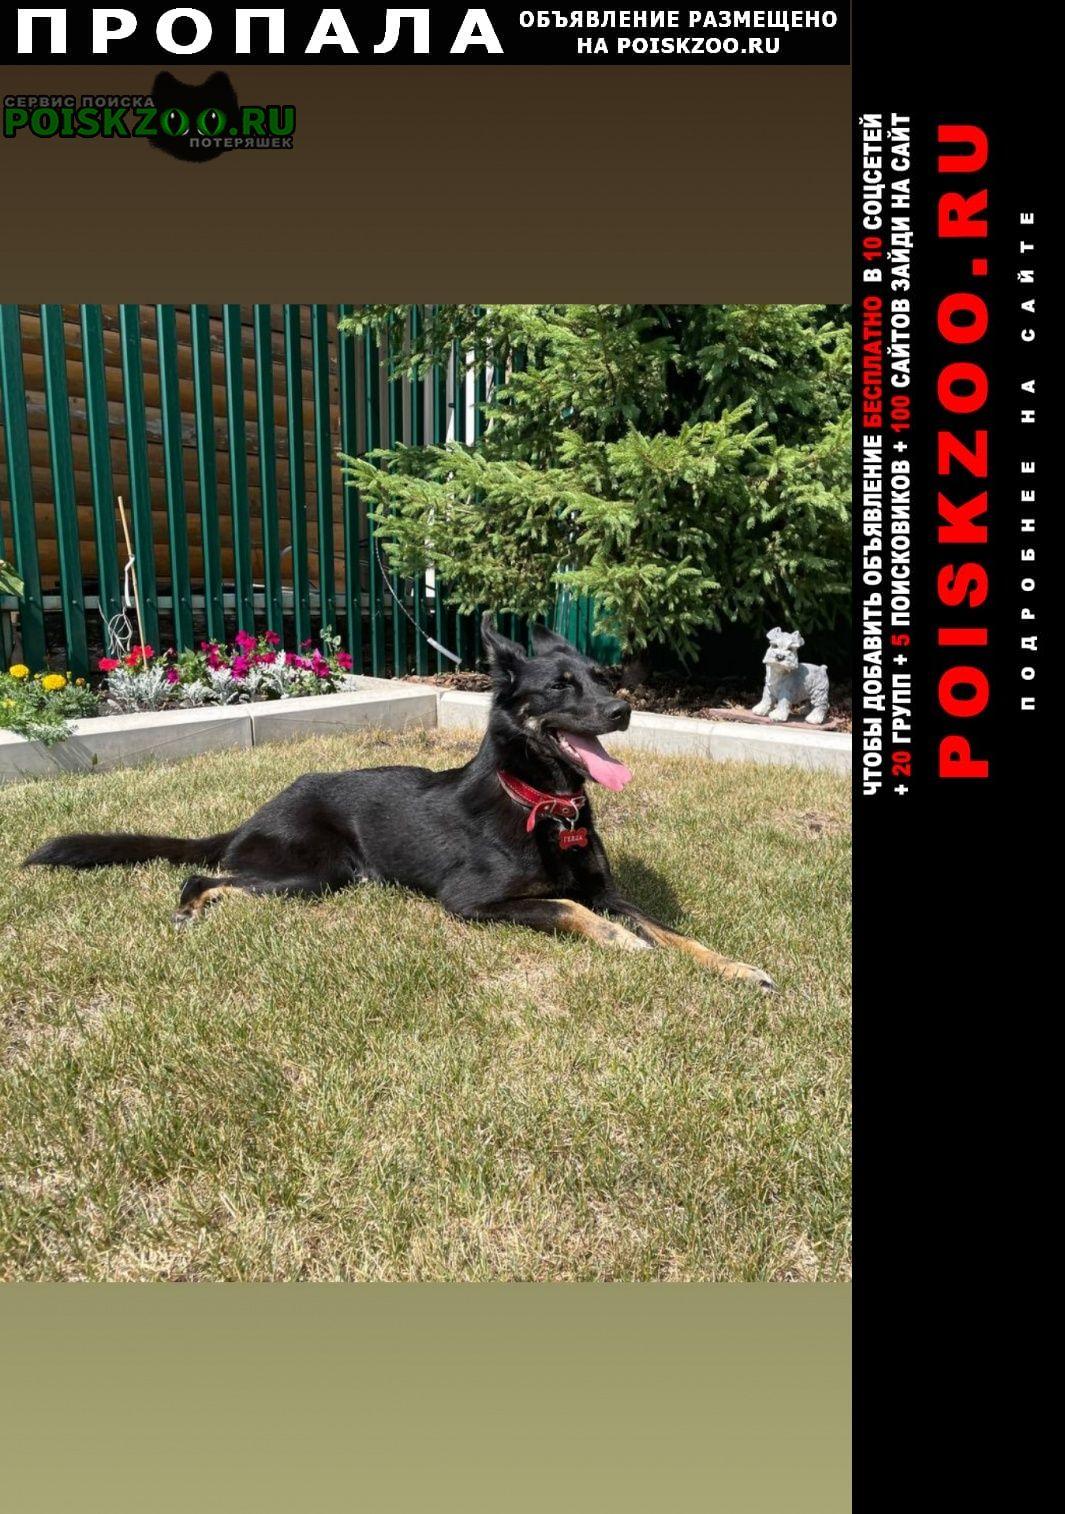 Пропала собака просьба вернуть за вознаграждение Раевский